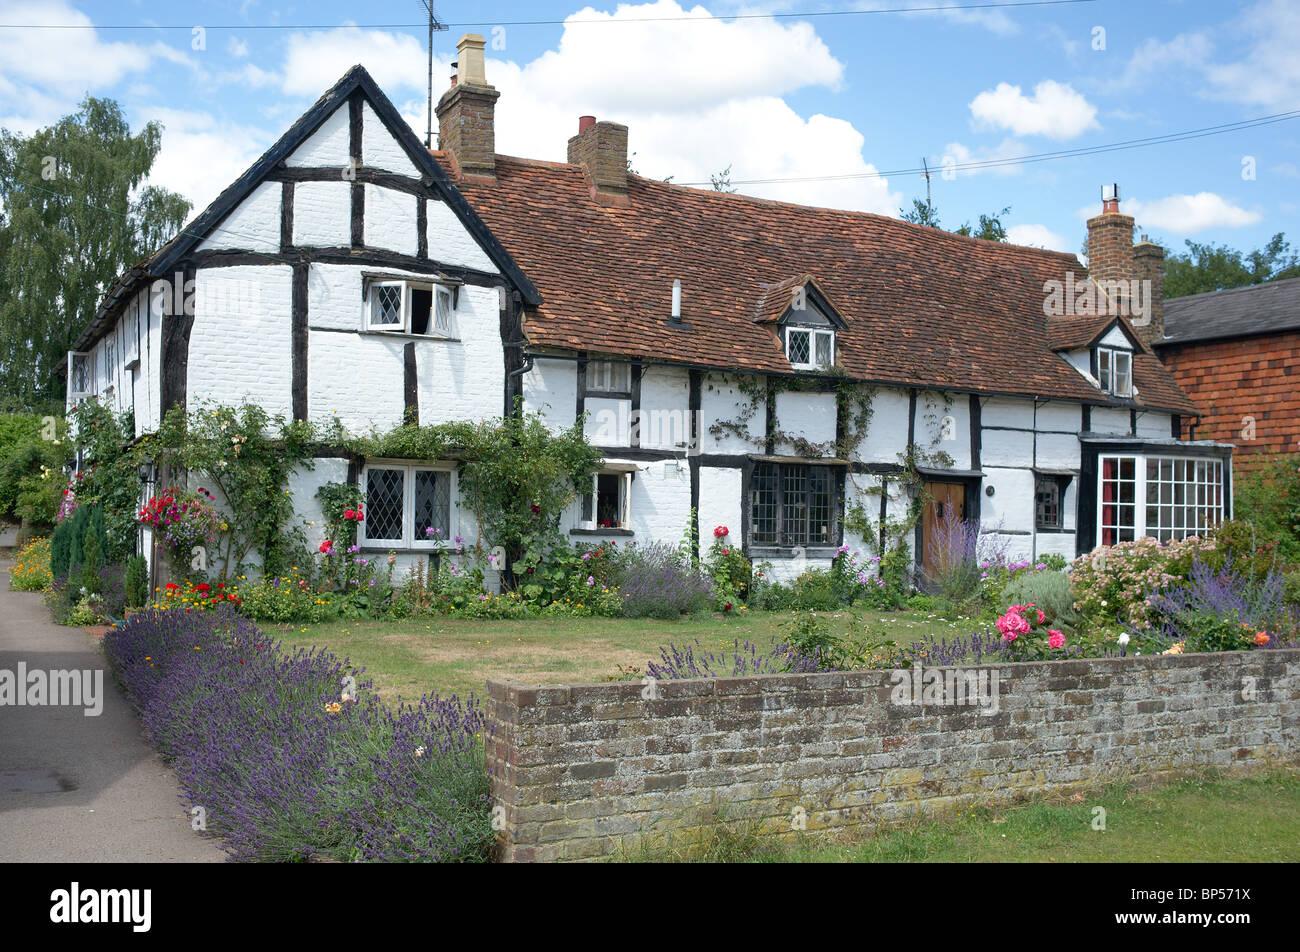 Halbe Fachwerkhaus schwarz und weiß Haus Aldbury UK Stockfoto, Bild ...